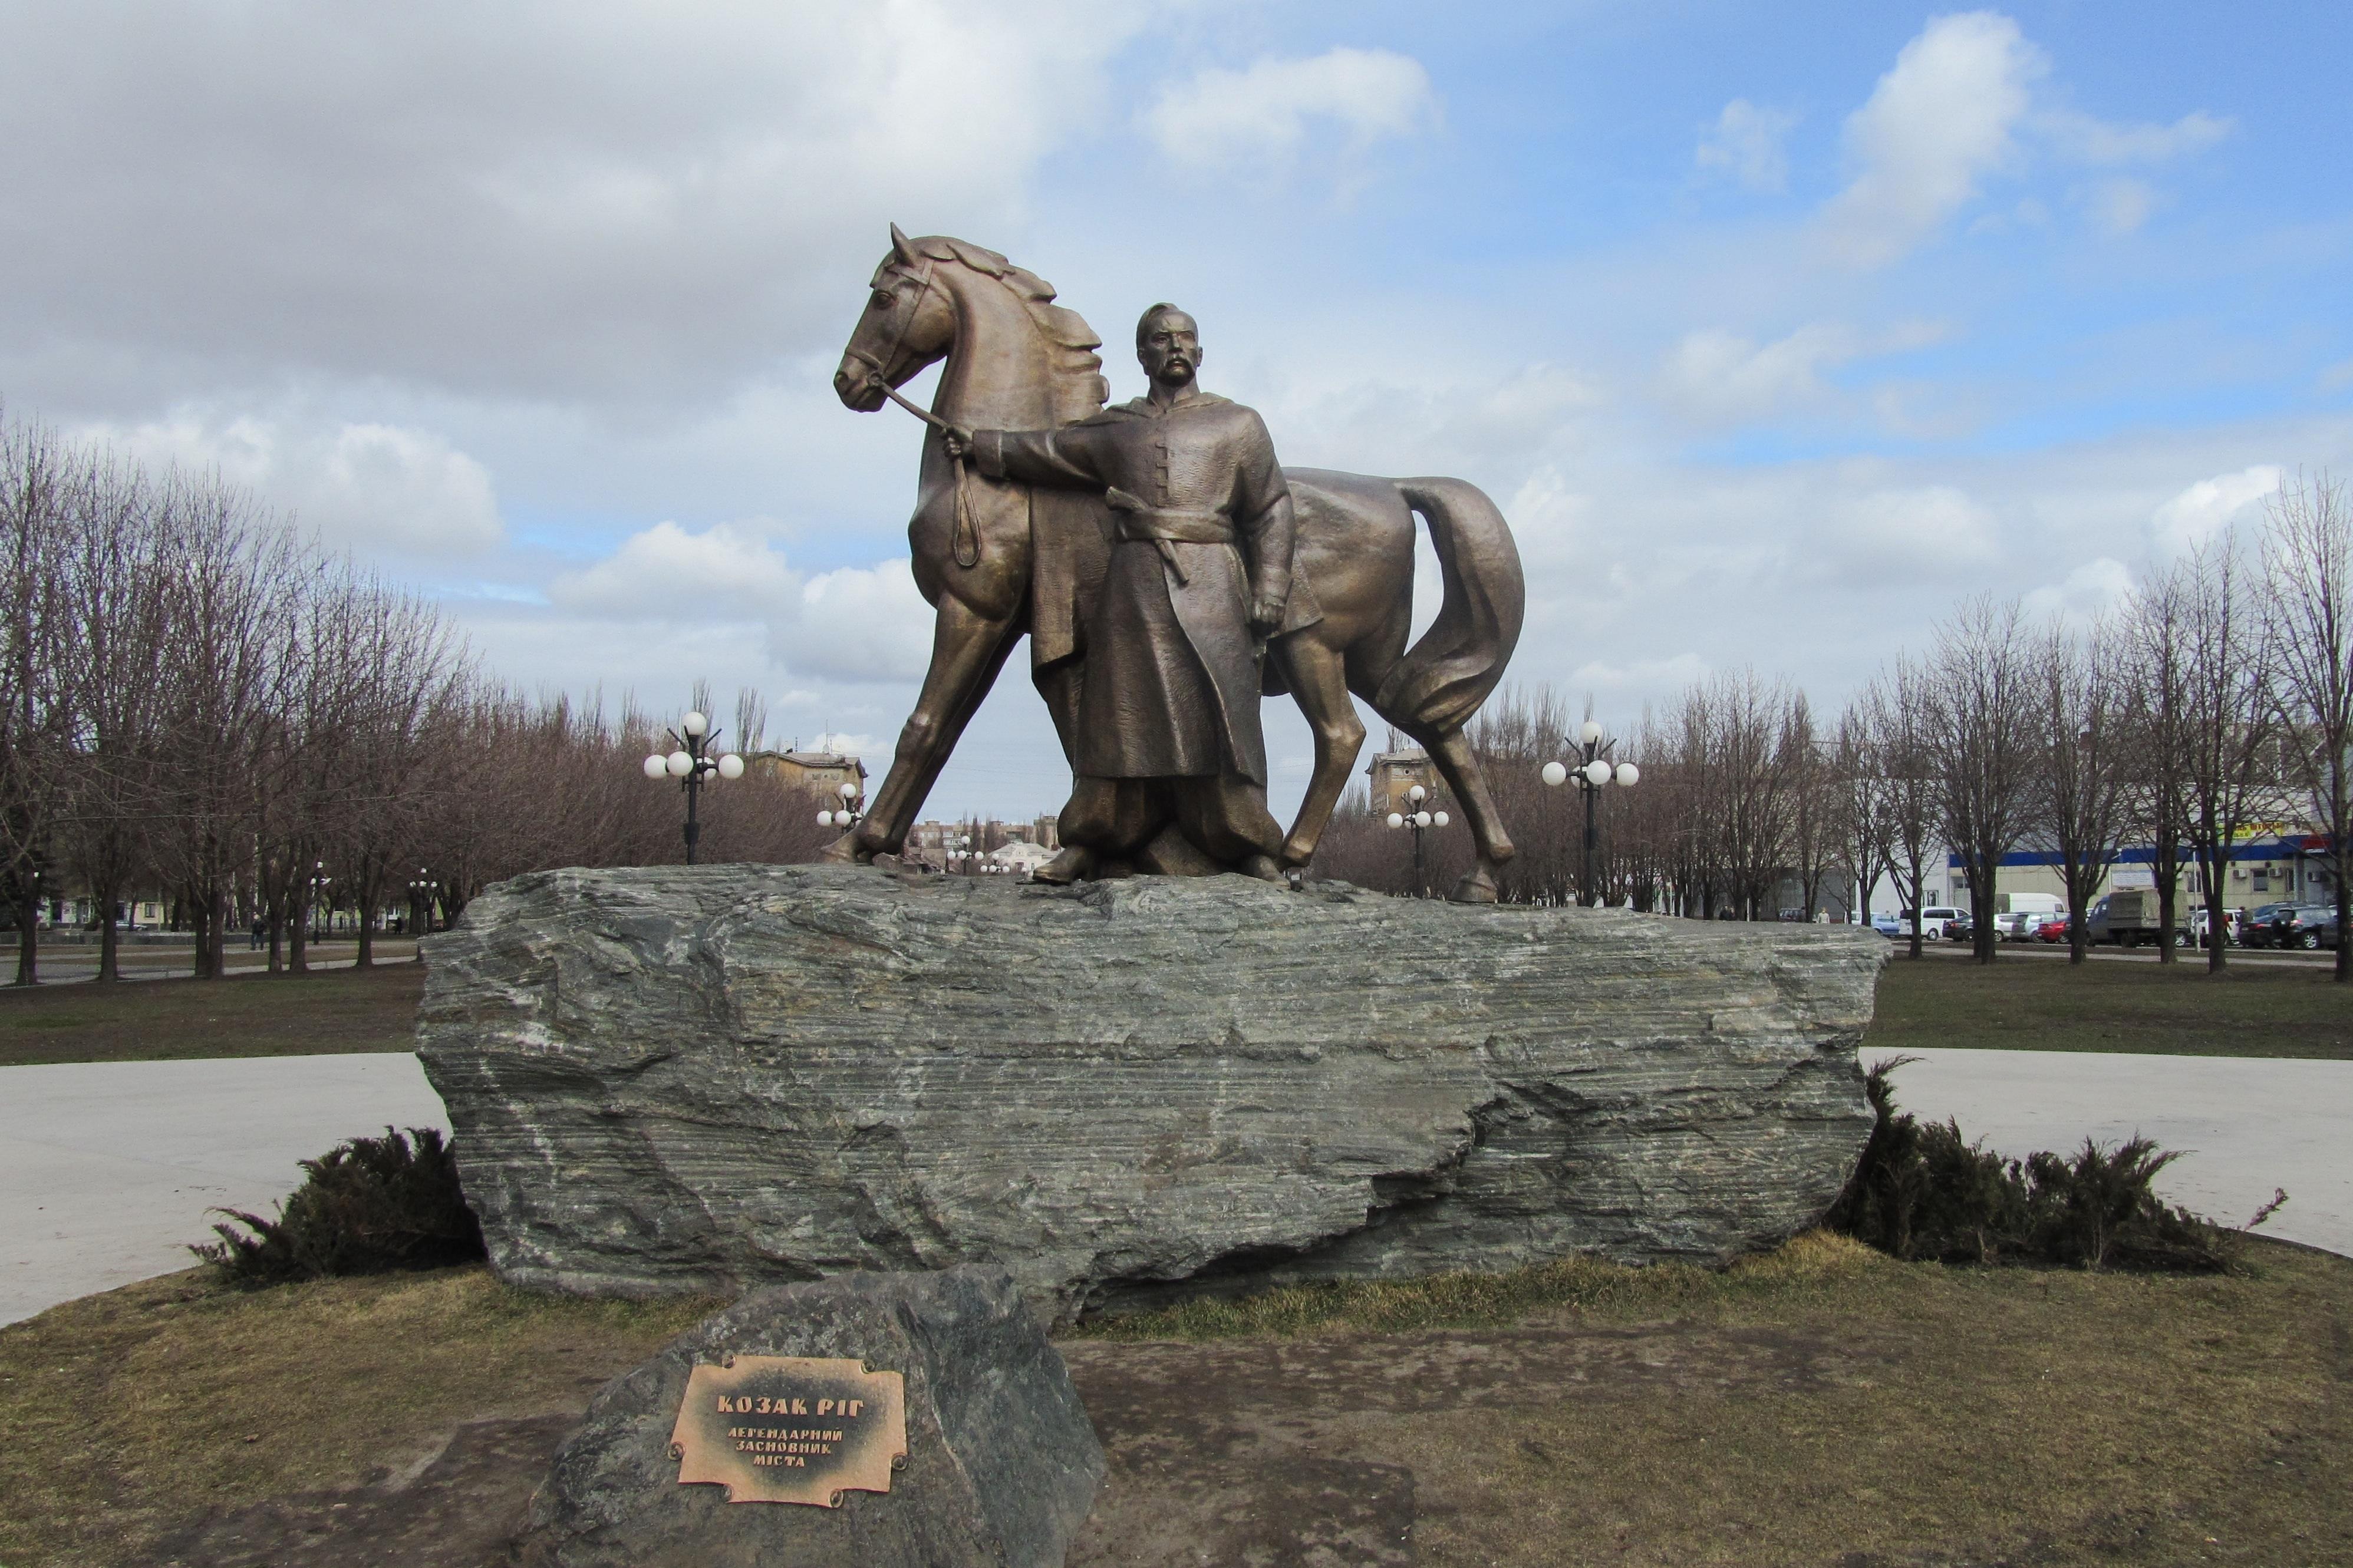 Пам'ятник останньому кошовому отаману Запорізької Січі Калнишевському відкрили в Кривому Розі - Цензор.НЕТ 1374